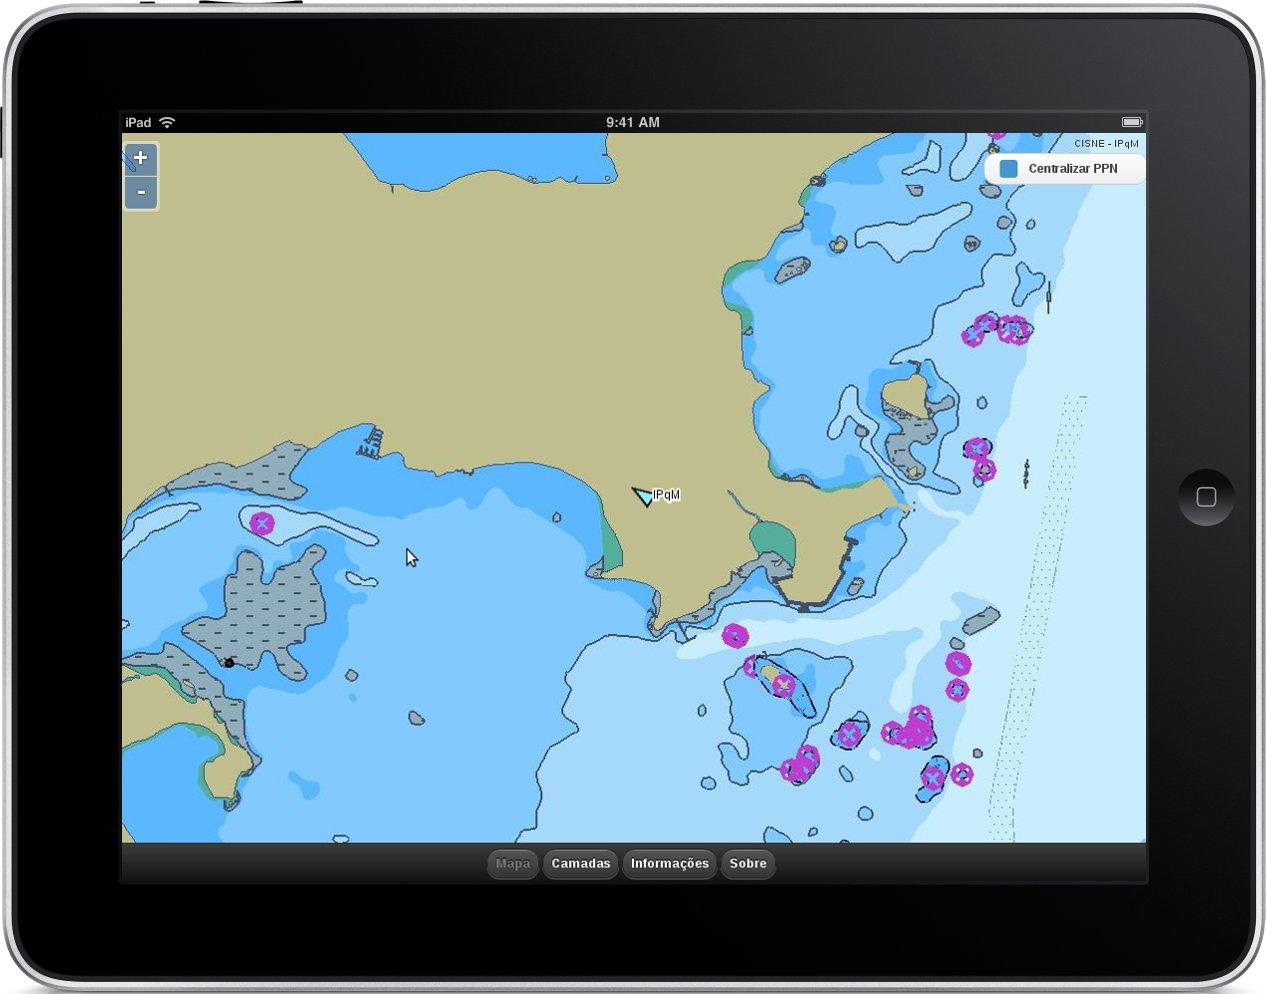 TCC - Pós-graduação - Interface web de apoio ao sistema de navegação utilizado pela Marinha do Brasil